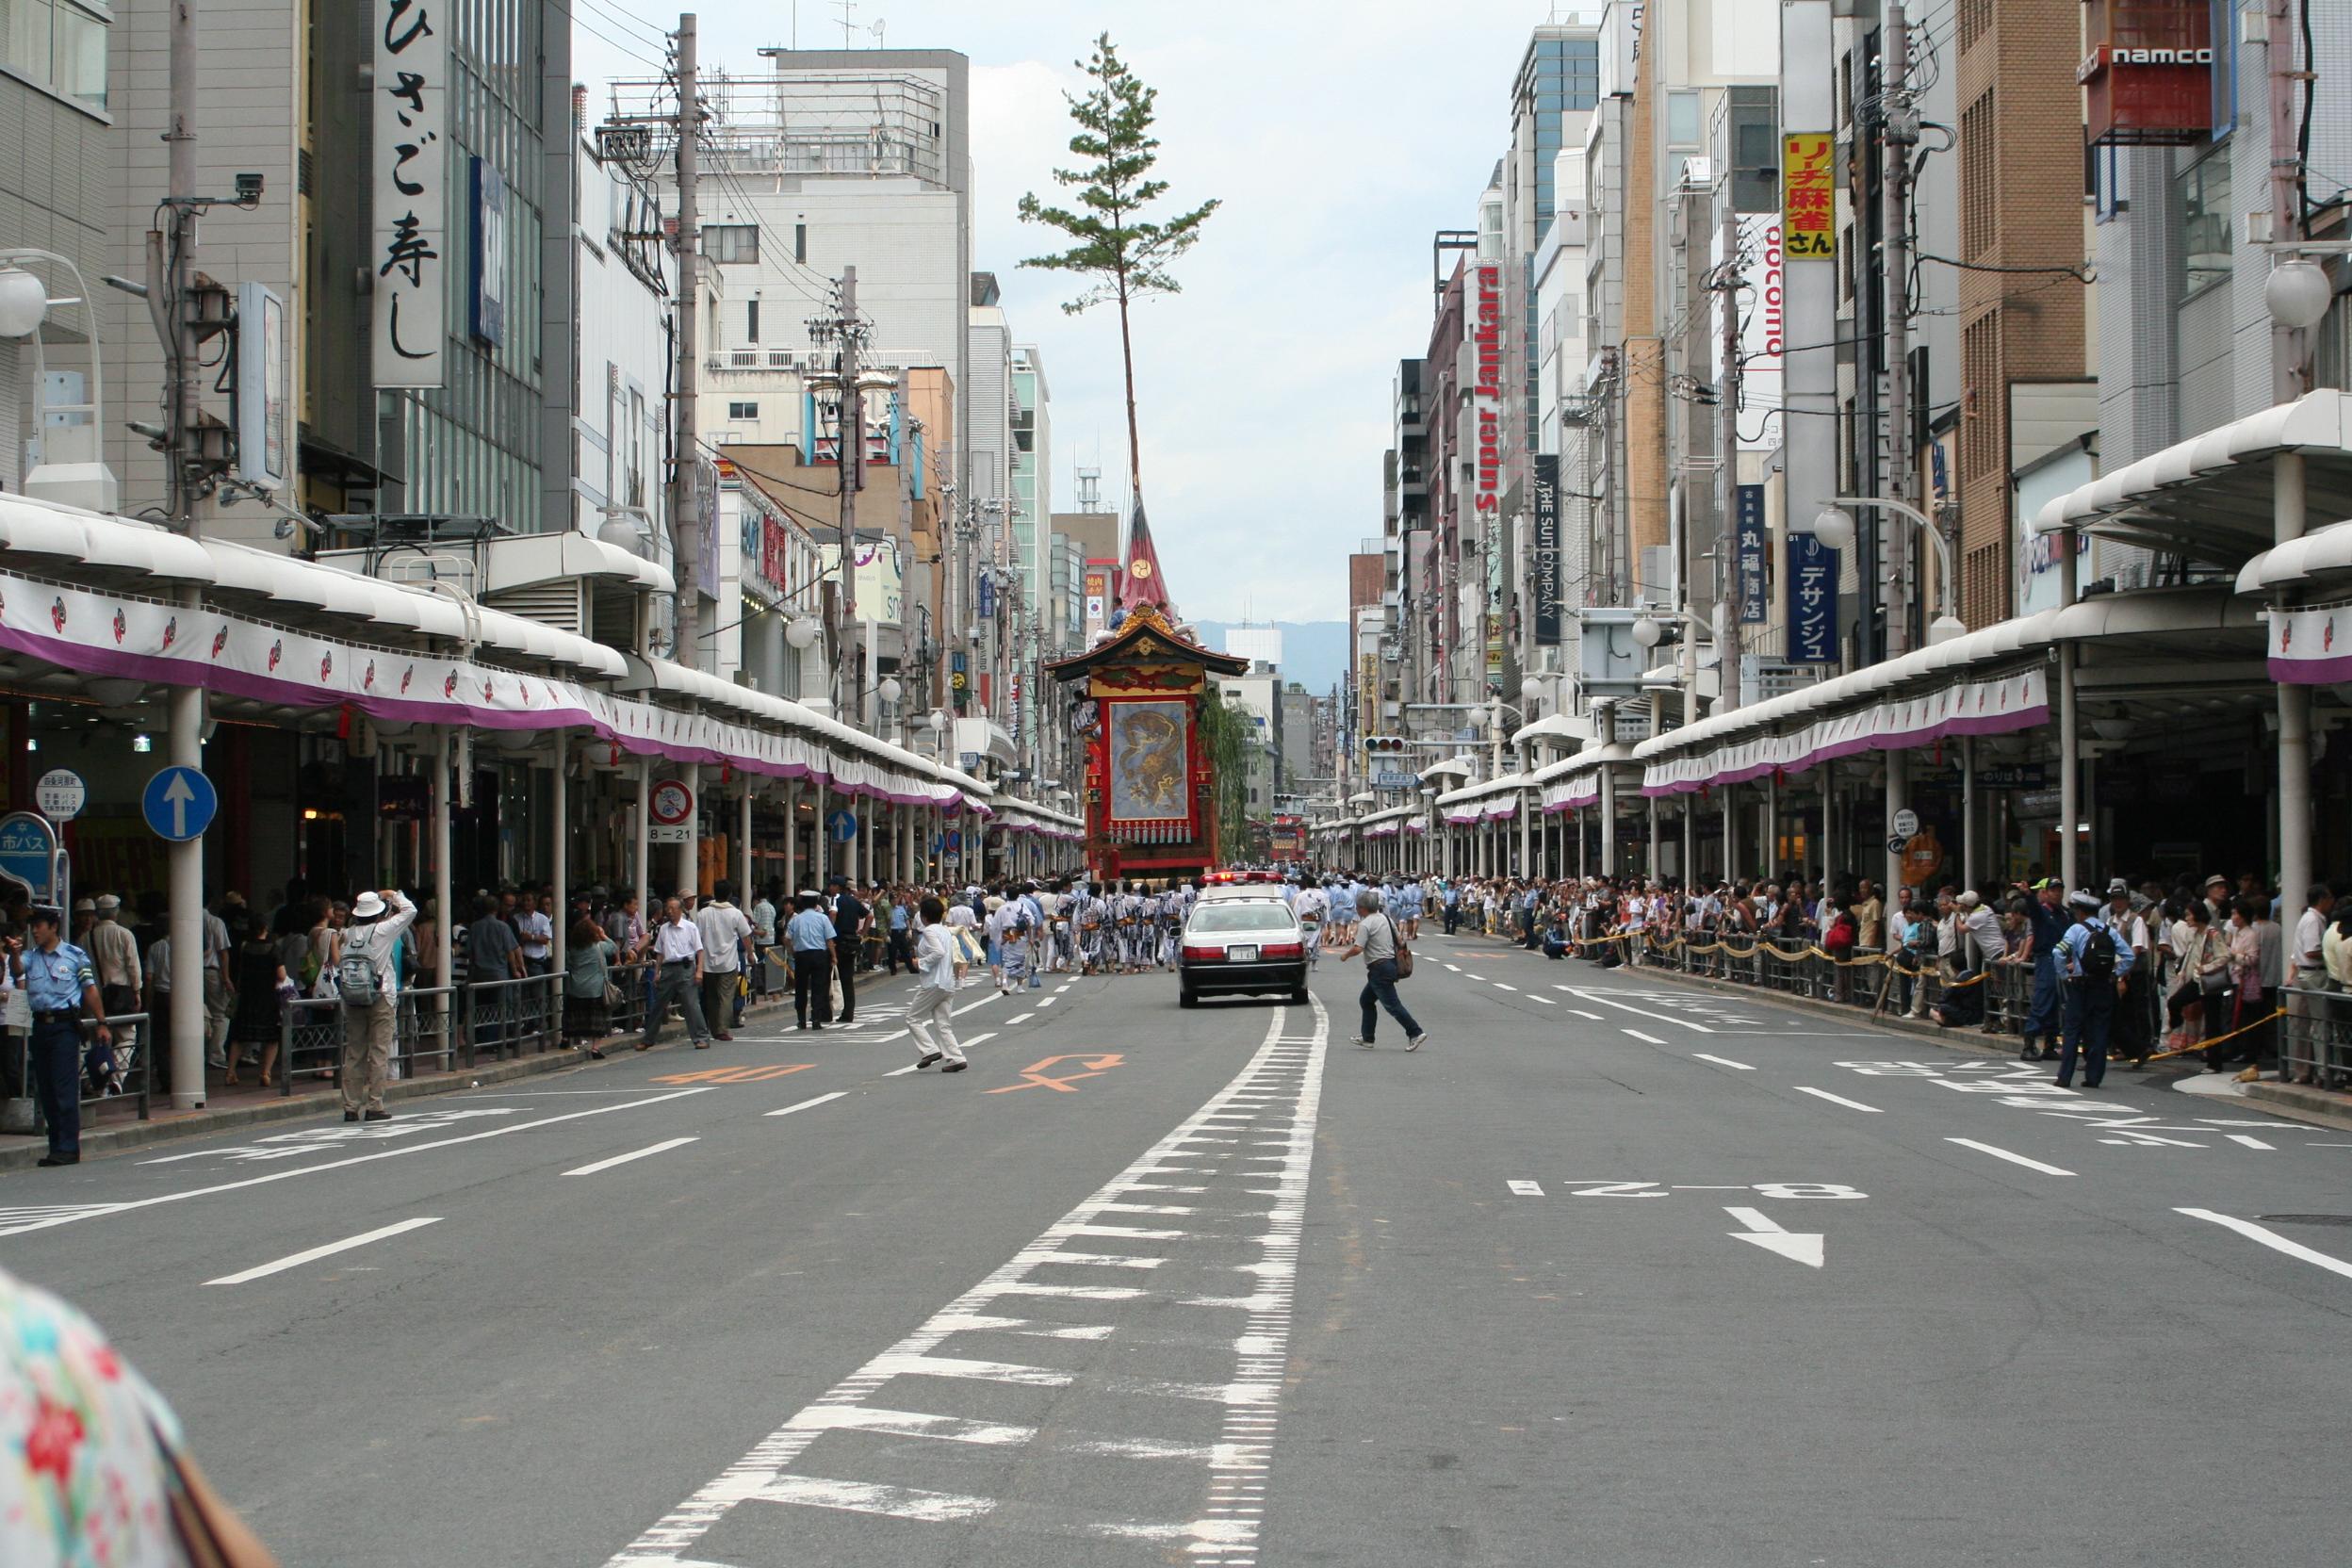 【京都】河原町で荷物を預けられるecbo cloak加盟店人気トップ5!コインロッカー代わりに活用しよう